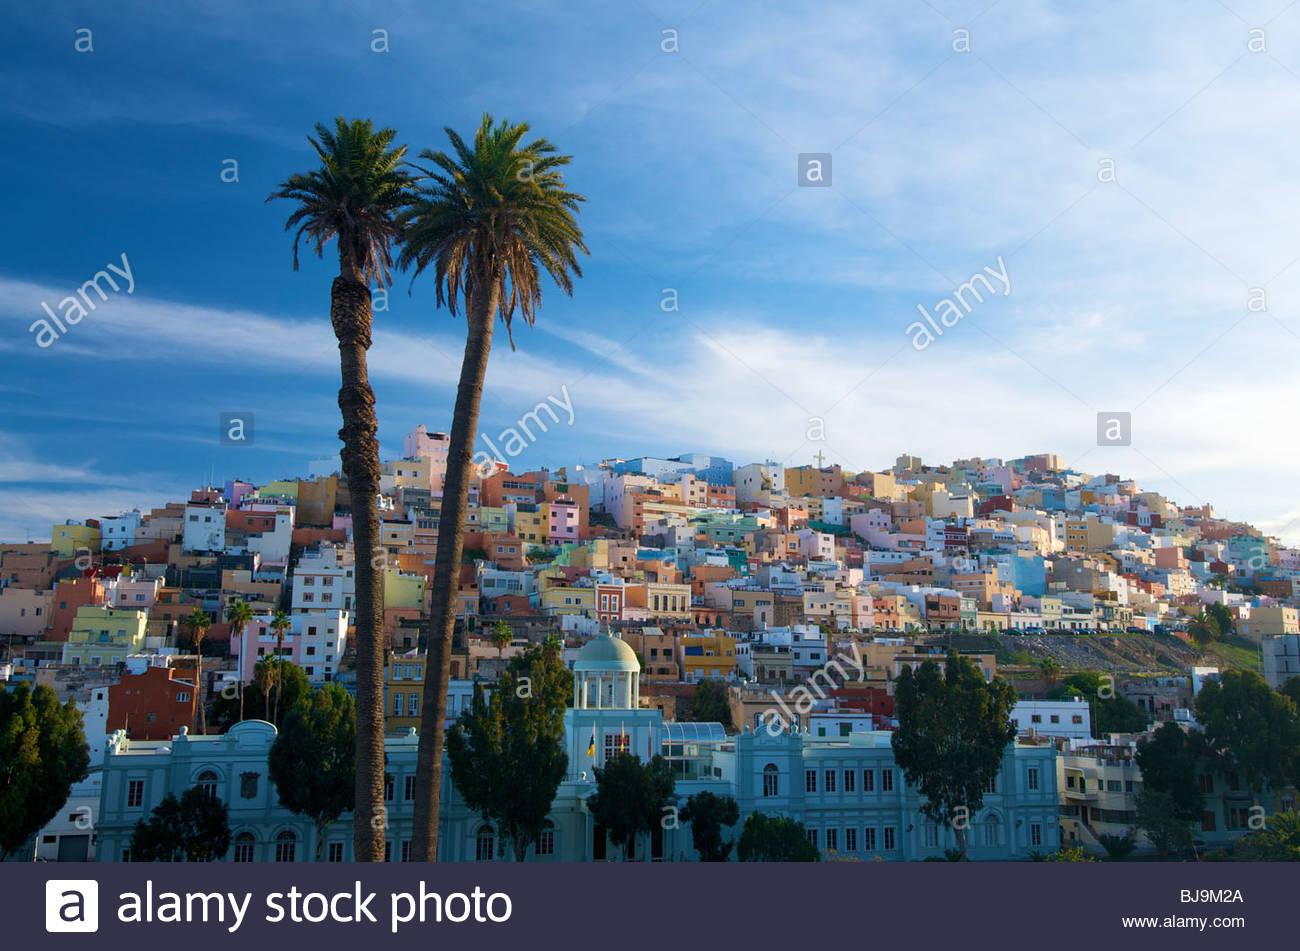 Casas de color pastel Las Palmas, Gran Canaria, Islas Canarias Imagen De Stock